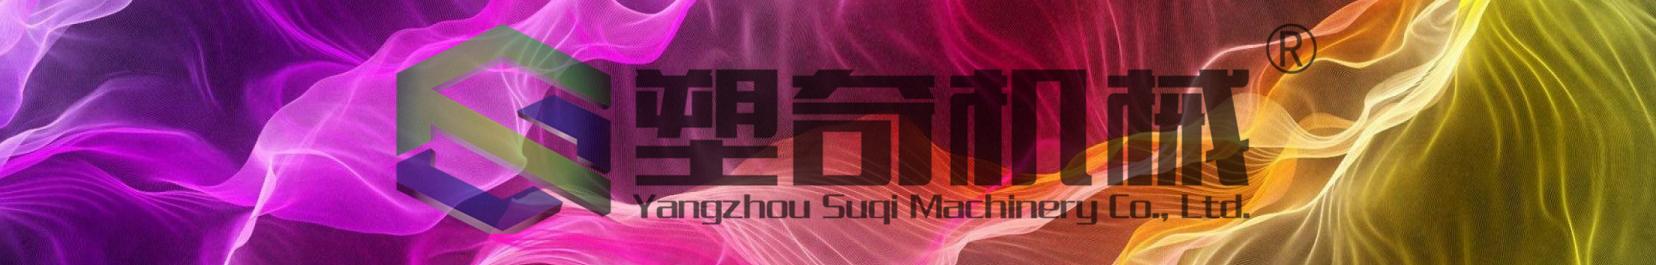 扬州市塑奇机械设备 banner